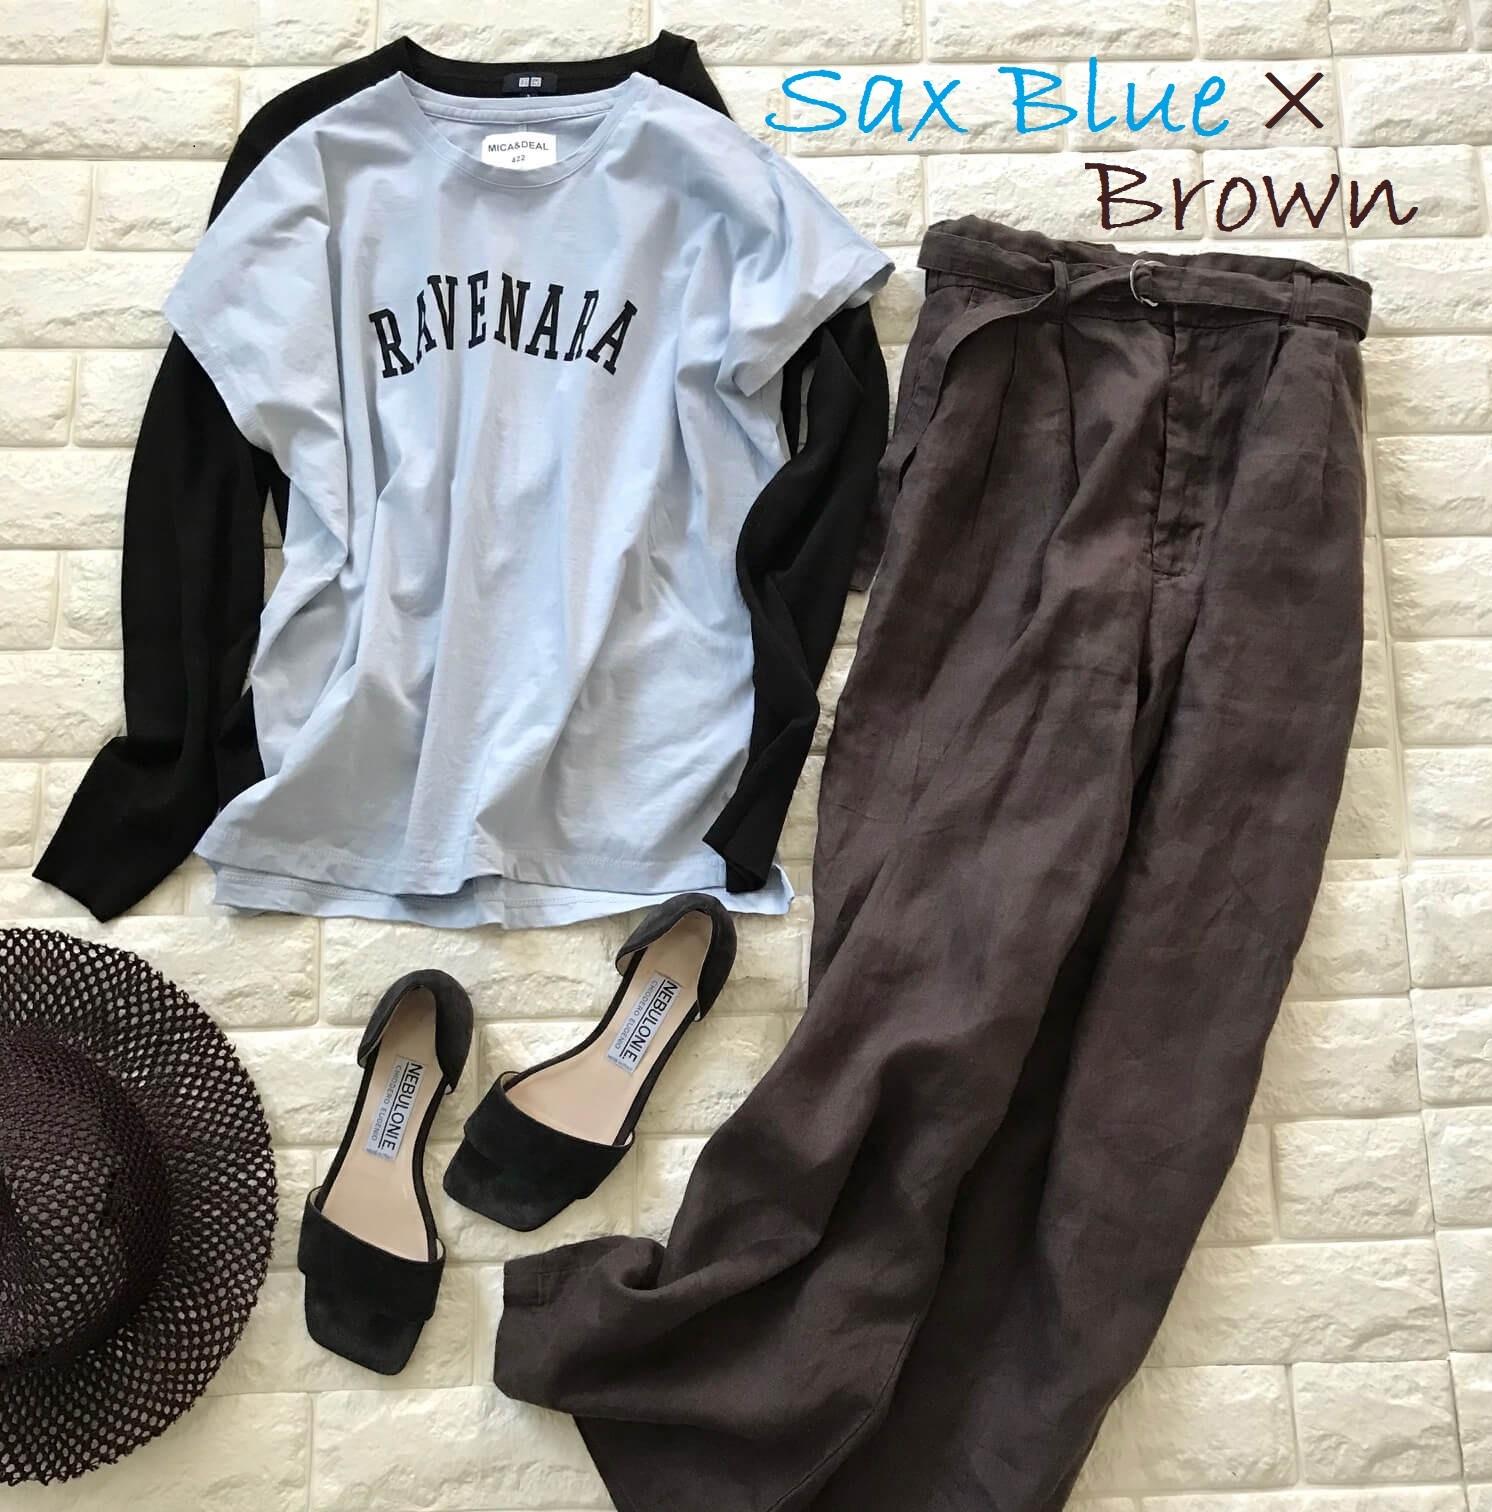 MICA&DEALのTシャツとブラウンのパンツを合わせた画像